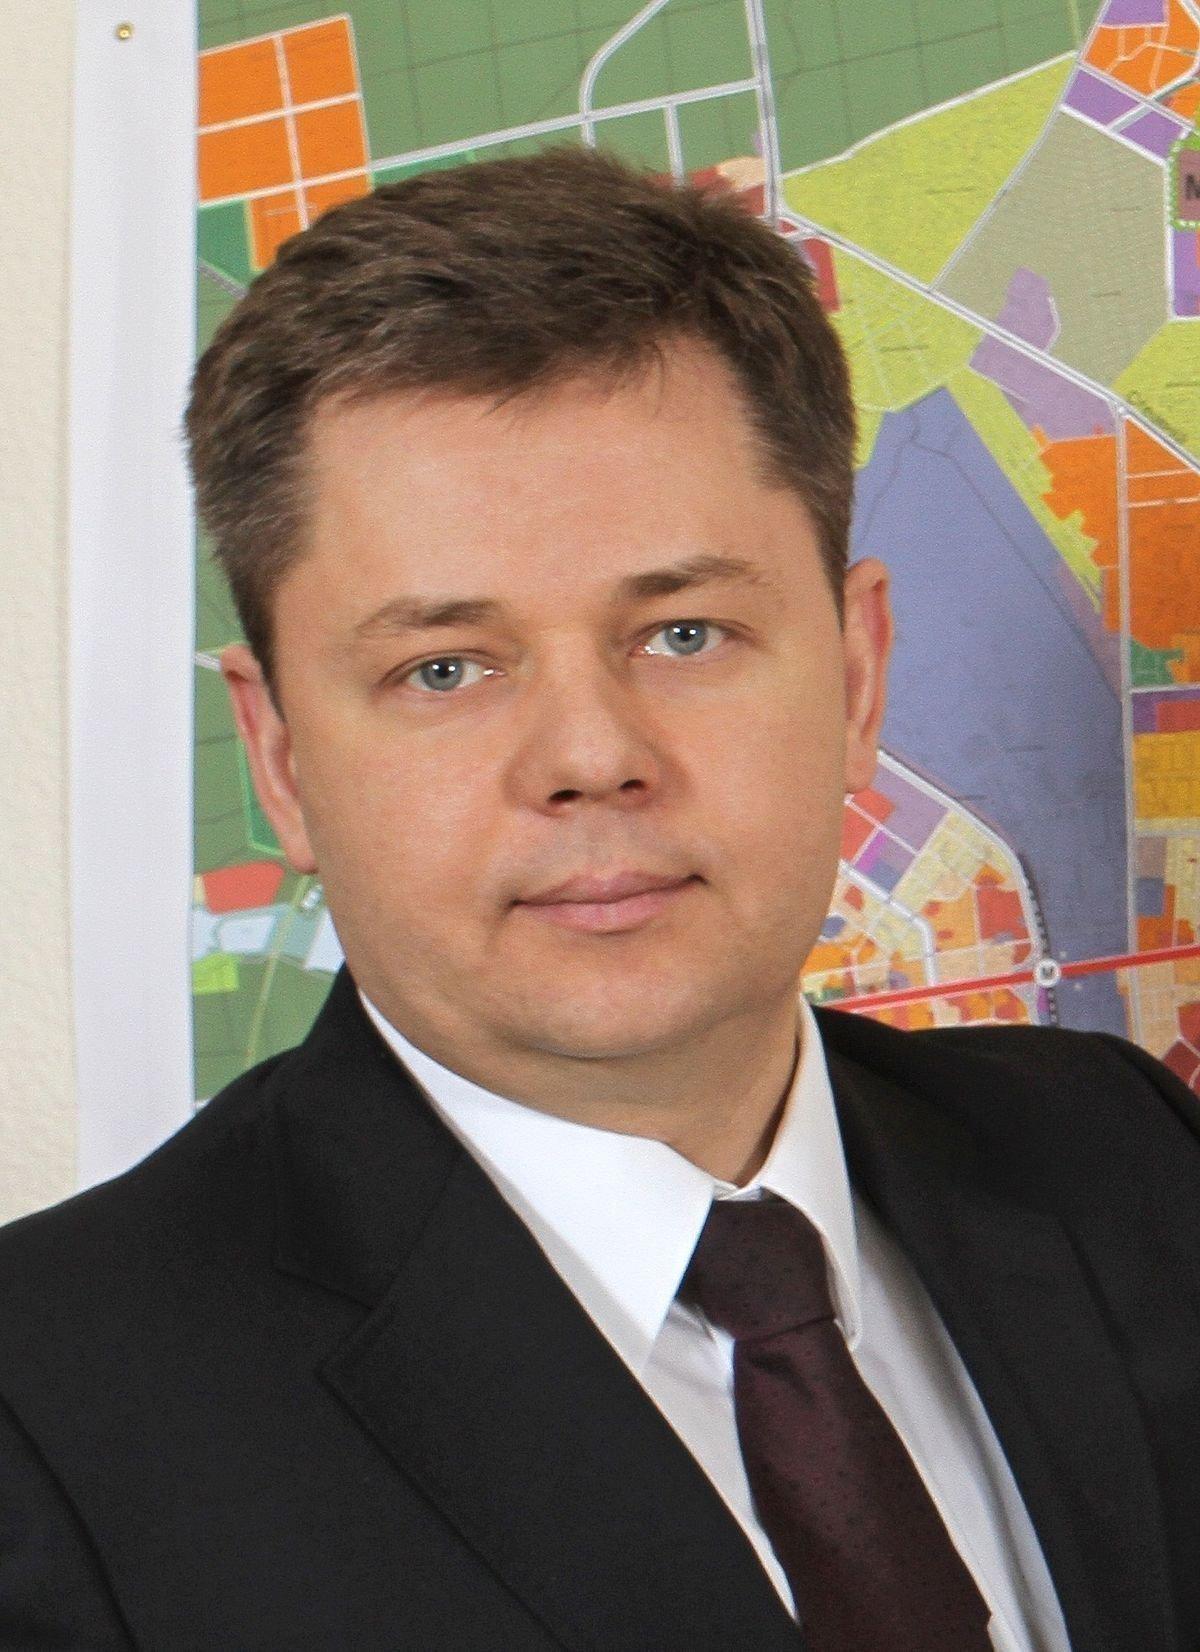 Броневицкий Сергей Петрович, Начальник КО «Киевгенплан» картинка